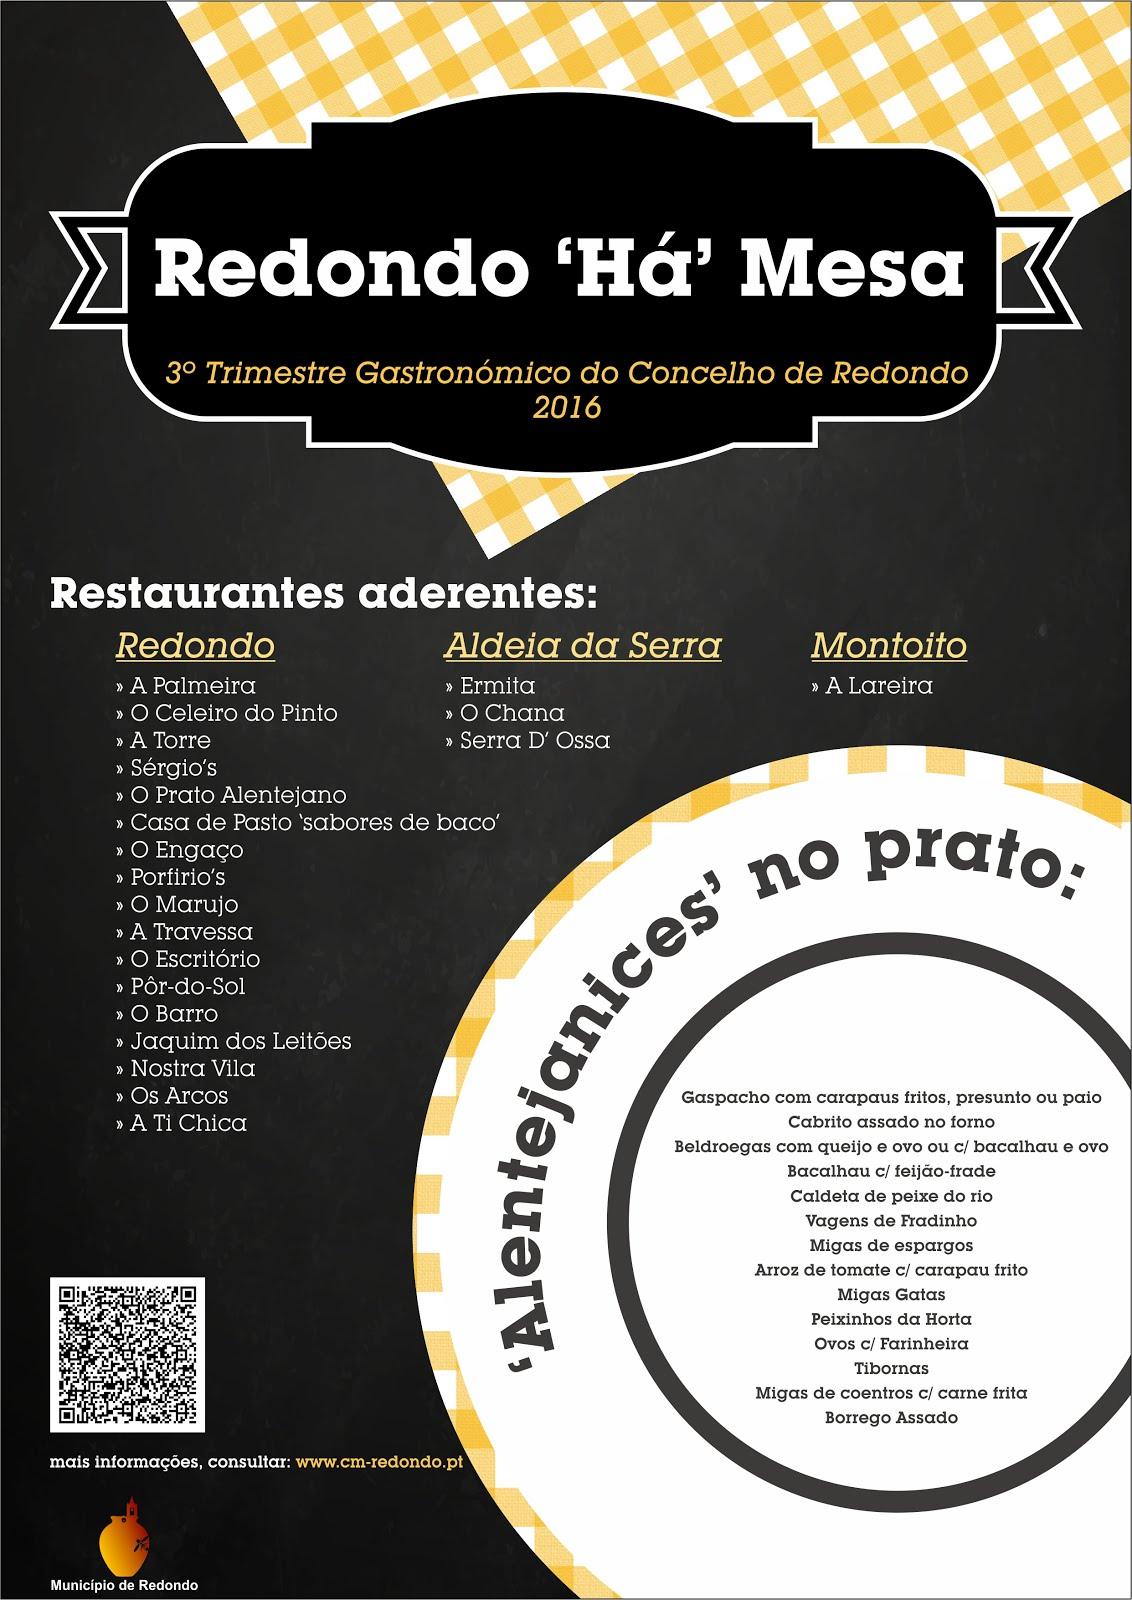 """Redondo """"Há"""" Mesa é a divulgação que se impunha em torno da riqueza e das memórias gastronómicas do"""